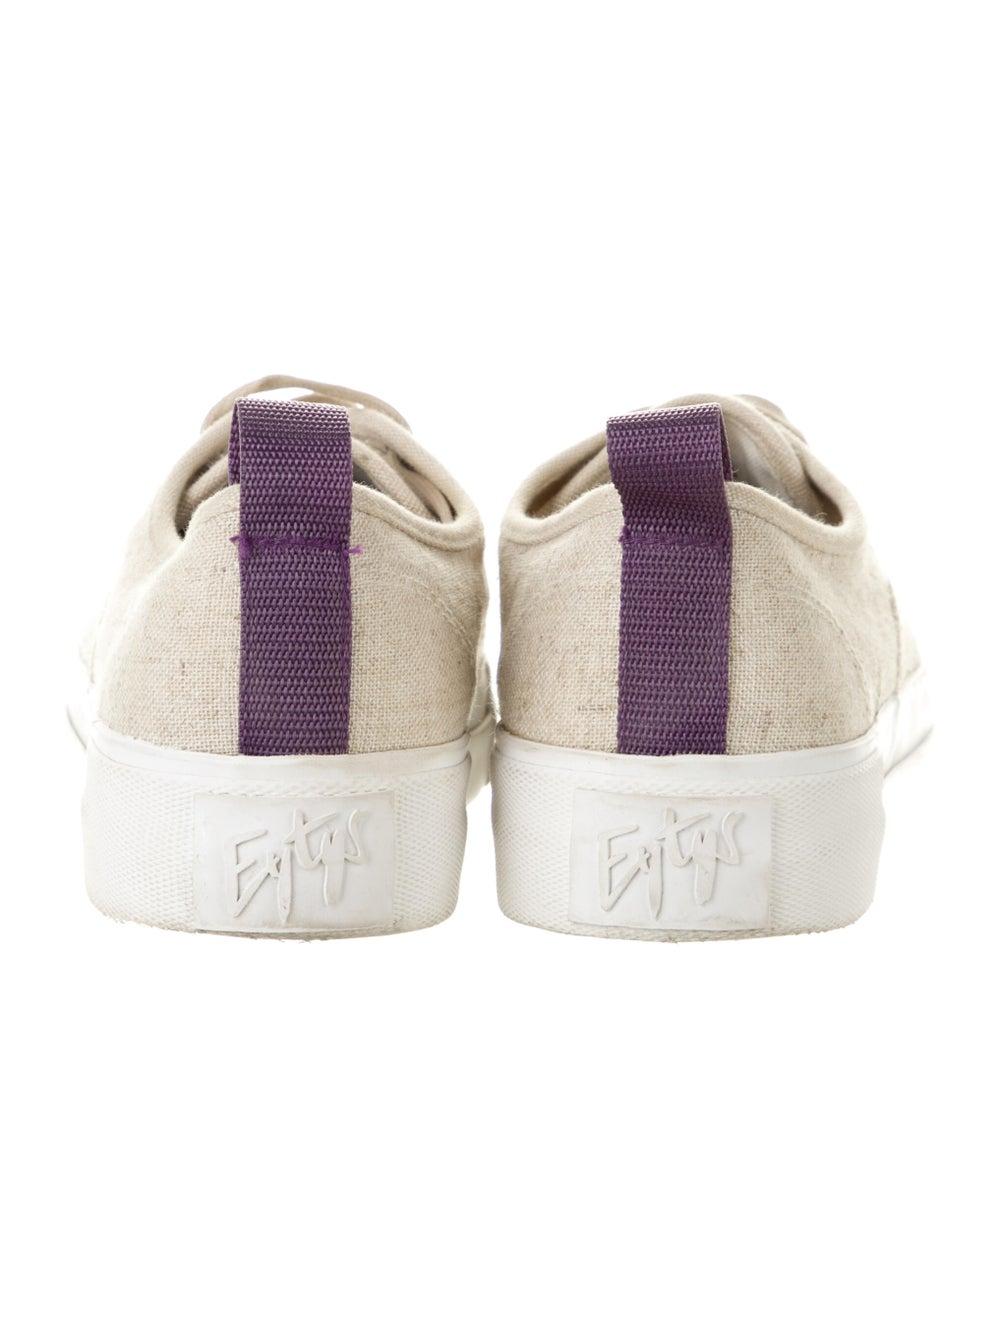 Eytys Sneakers - image 4